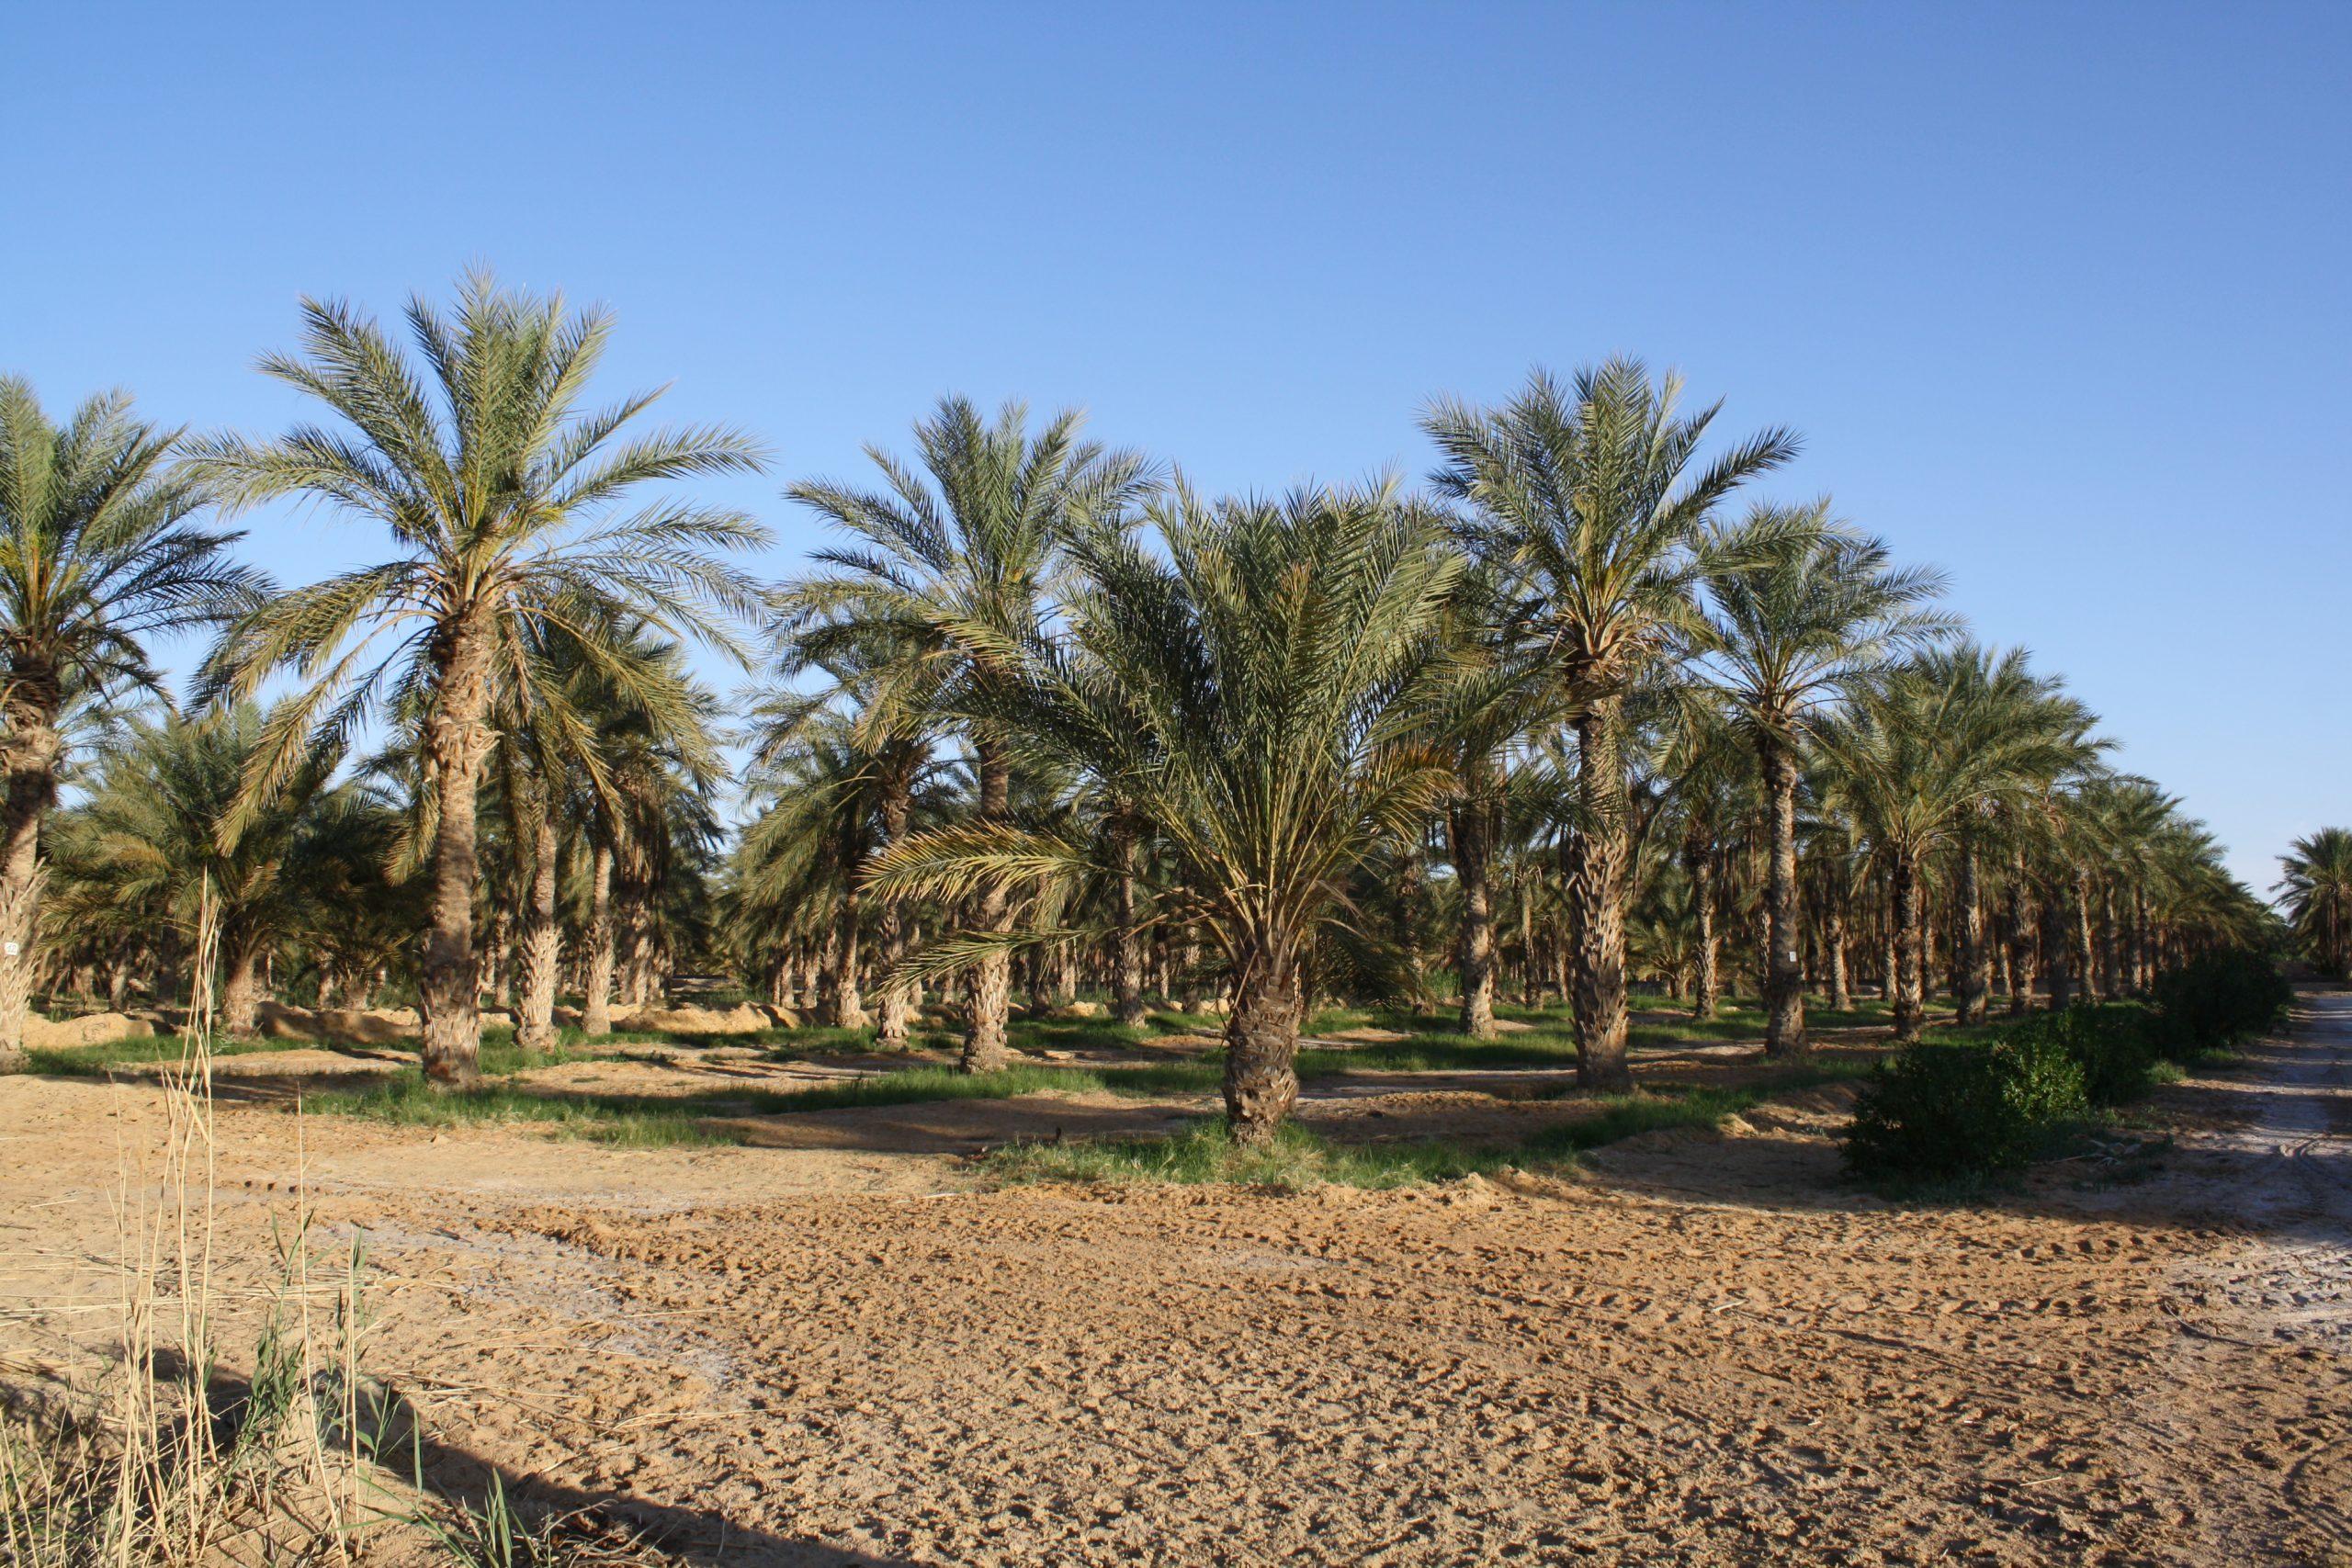 L'innovation dans le domaine des semences et plants en Algérie